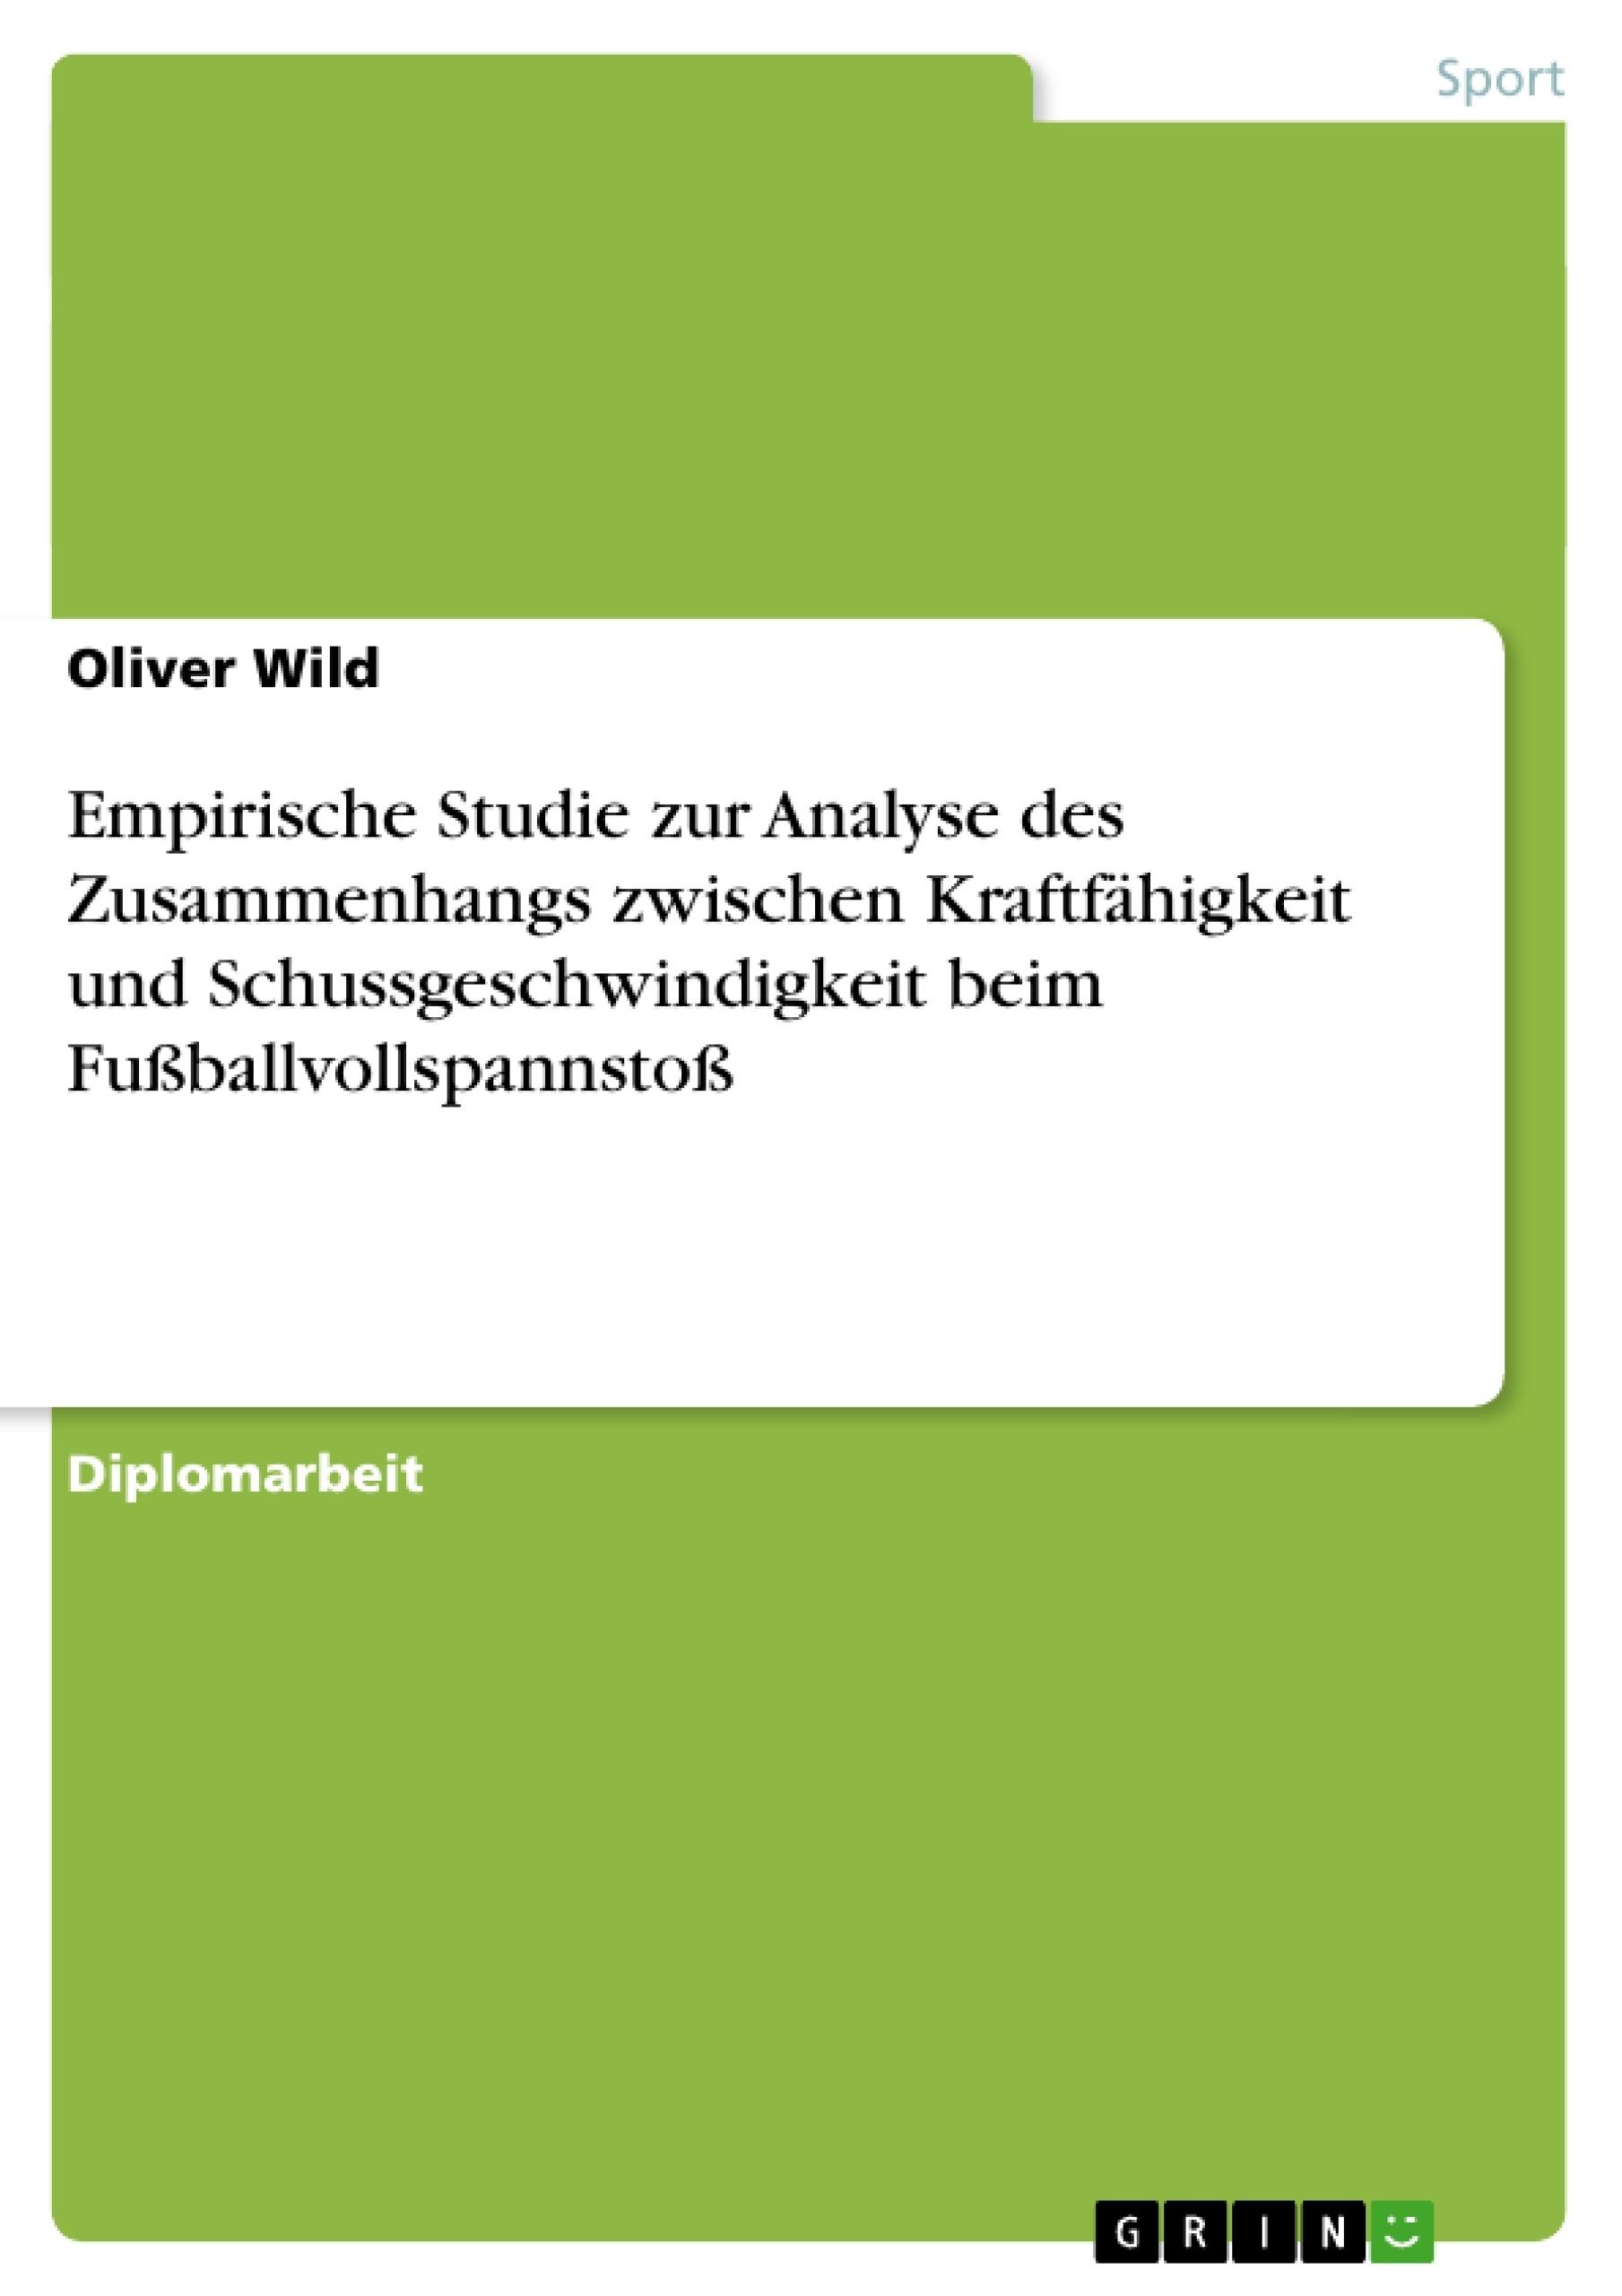 Titel: Empirische Studie zur Analyse des Zusammenhangs zwischen Kraftfähigkeit und Schussgeschwindigkeit beim Fußballvollspannstoß